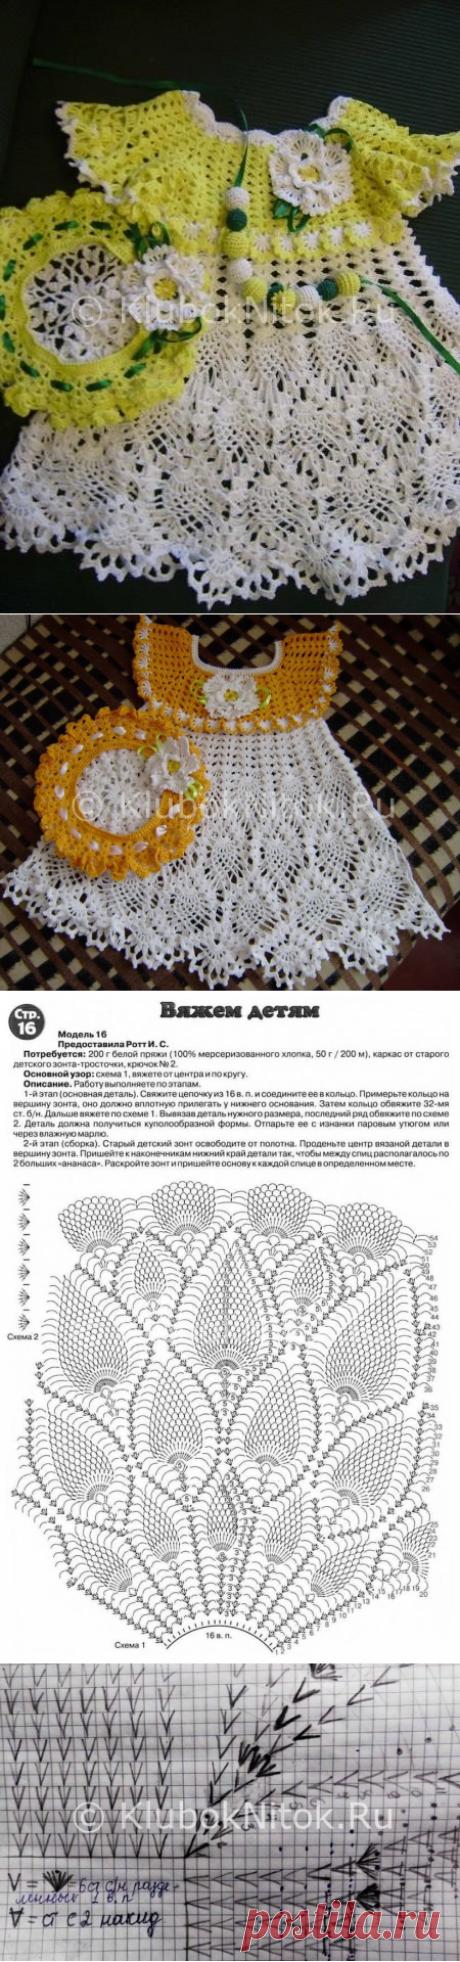 Желтое платице | Вязание для девочек | Вязание спицами и крючком. Схемы вязания.